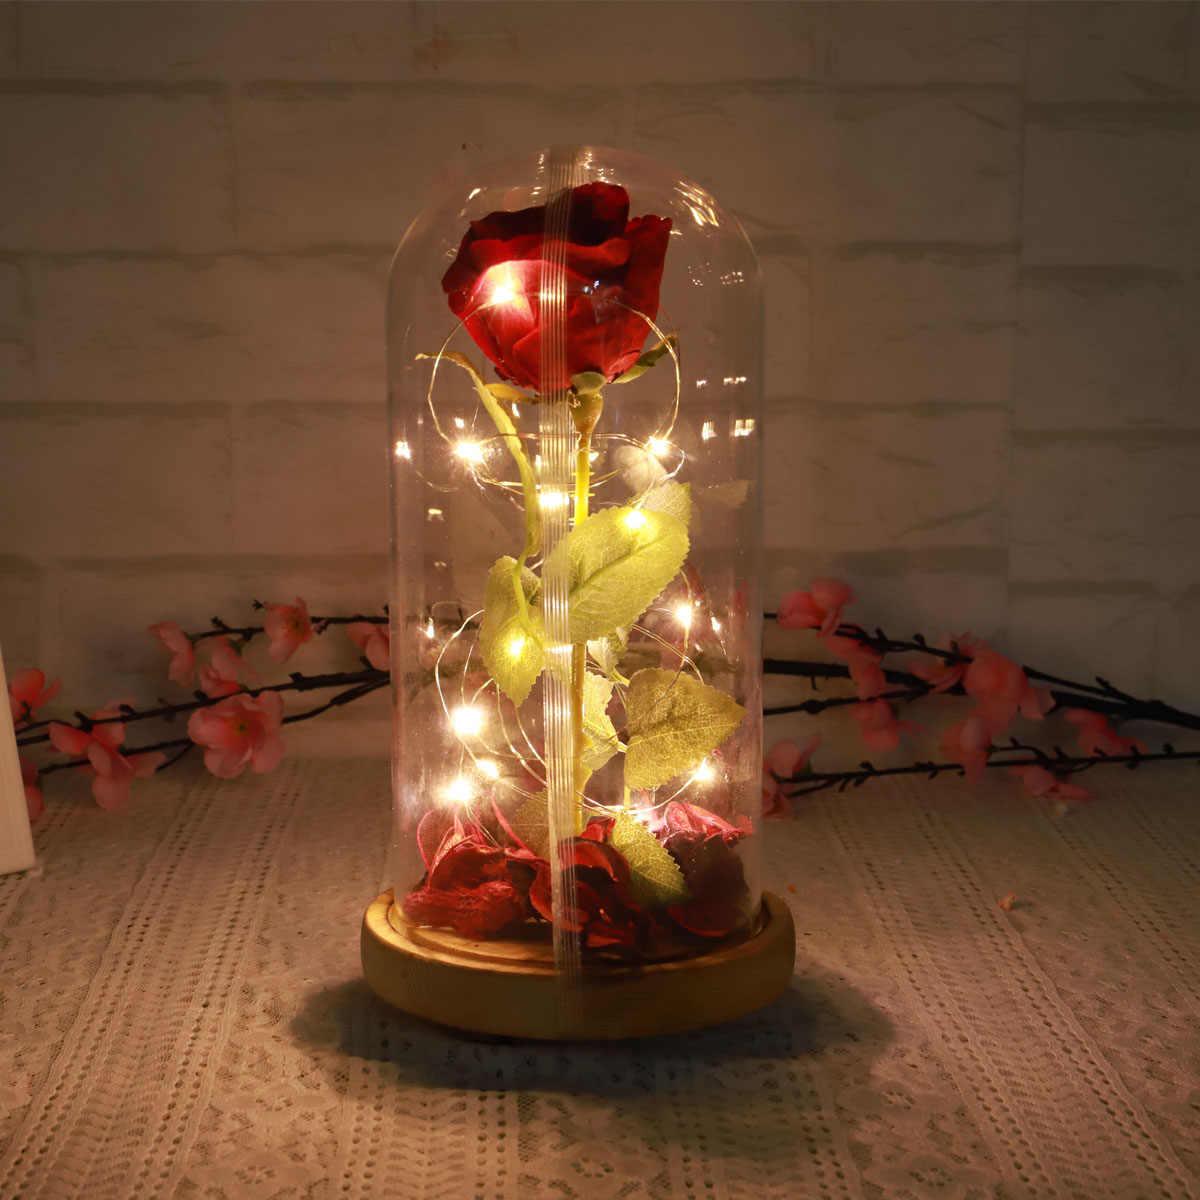 الأحمر/الأزرق/الأسود للأبد روز زهرة الخالد روز عيد الحب هدايا الجمال والوحش الأبدية الأحمر ارتفع في الزجاج مصباح ليد